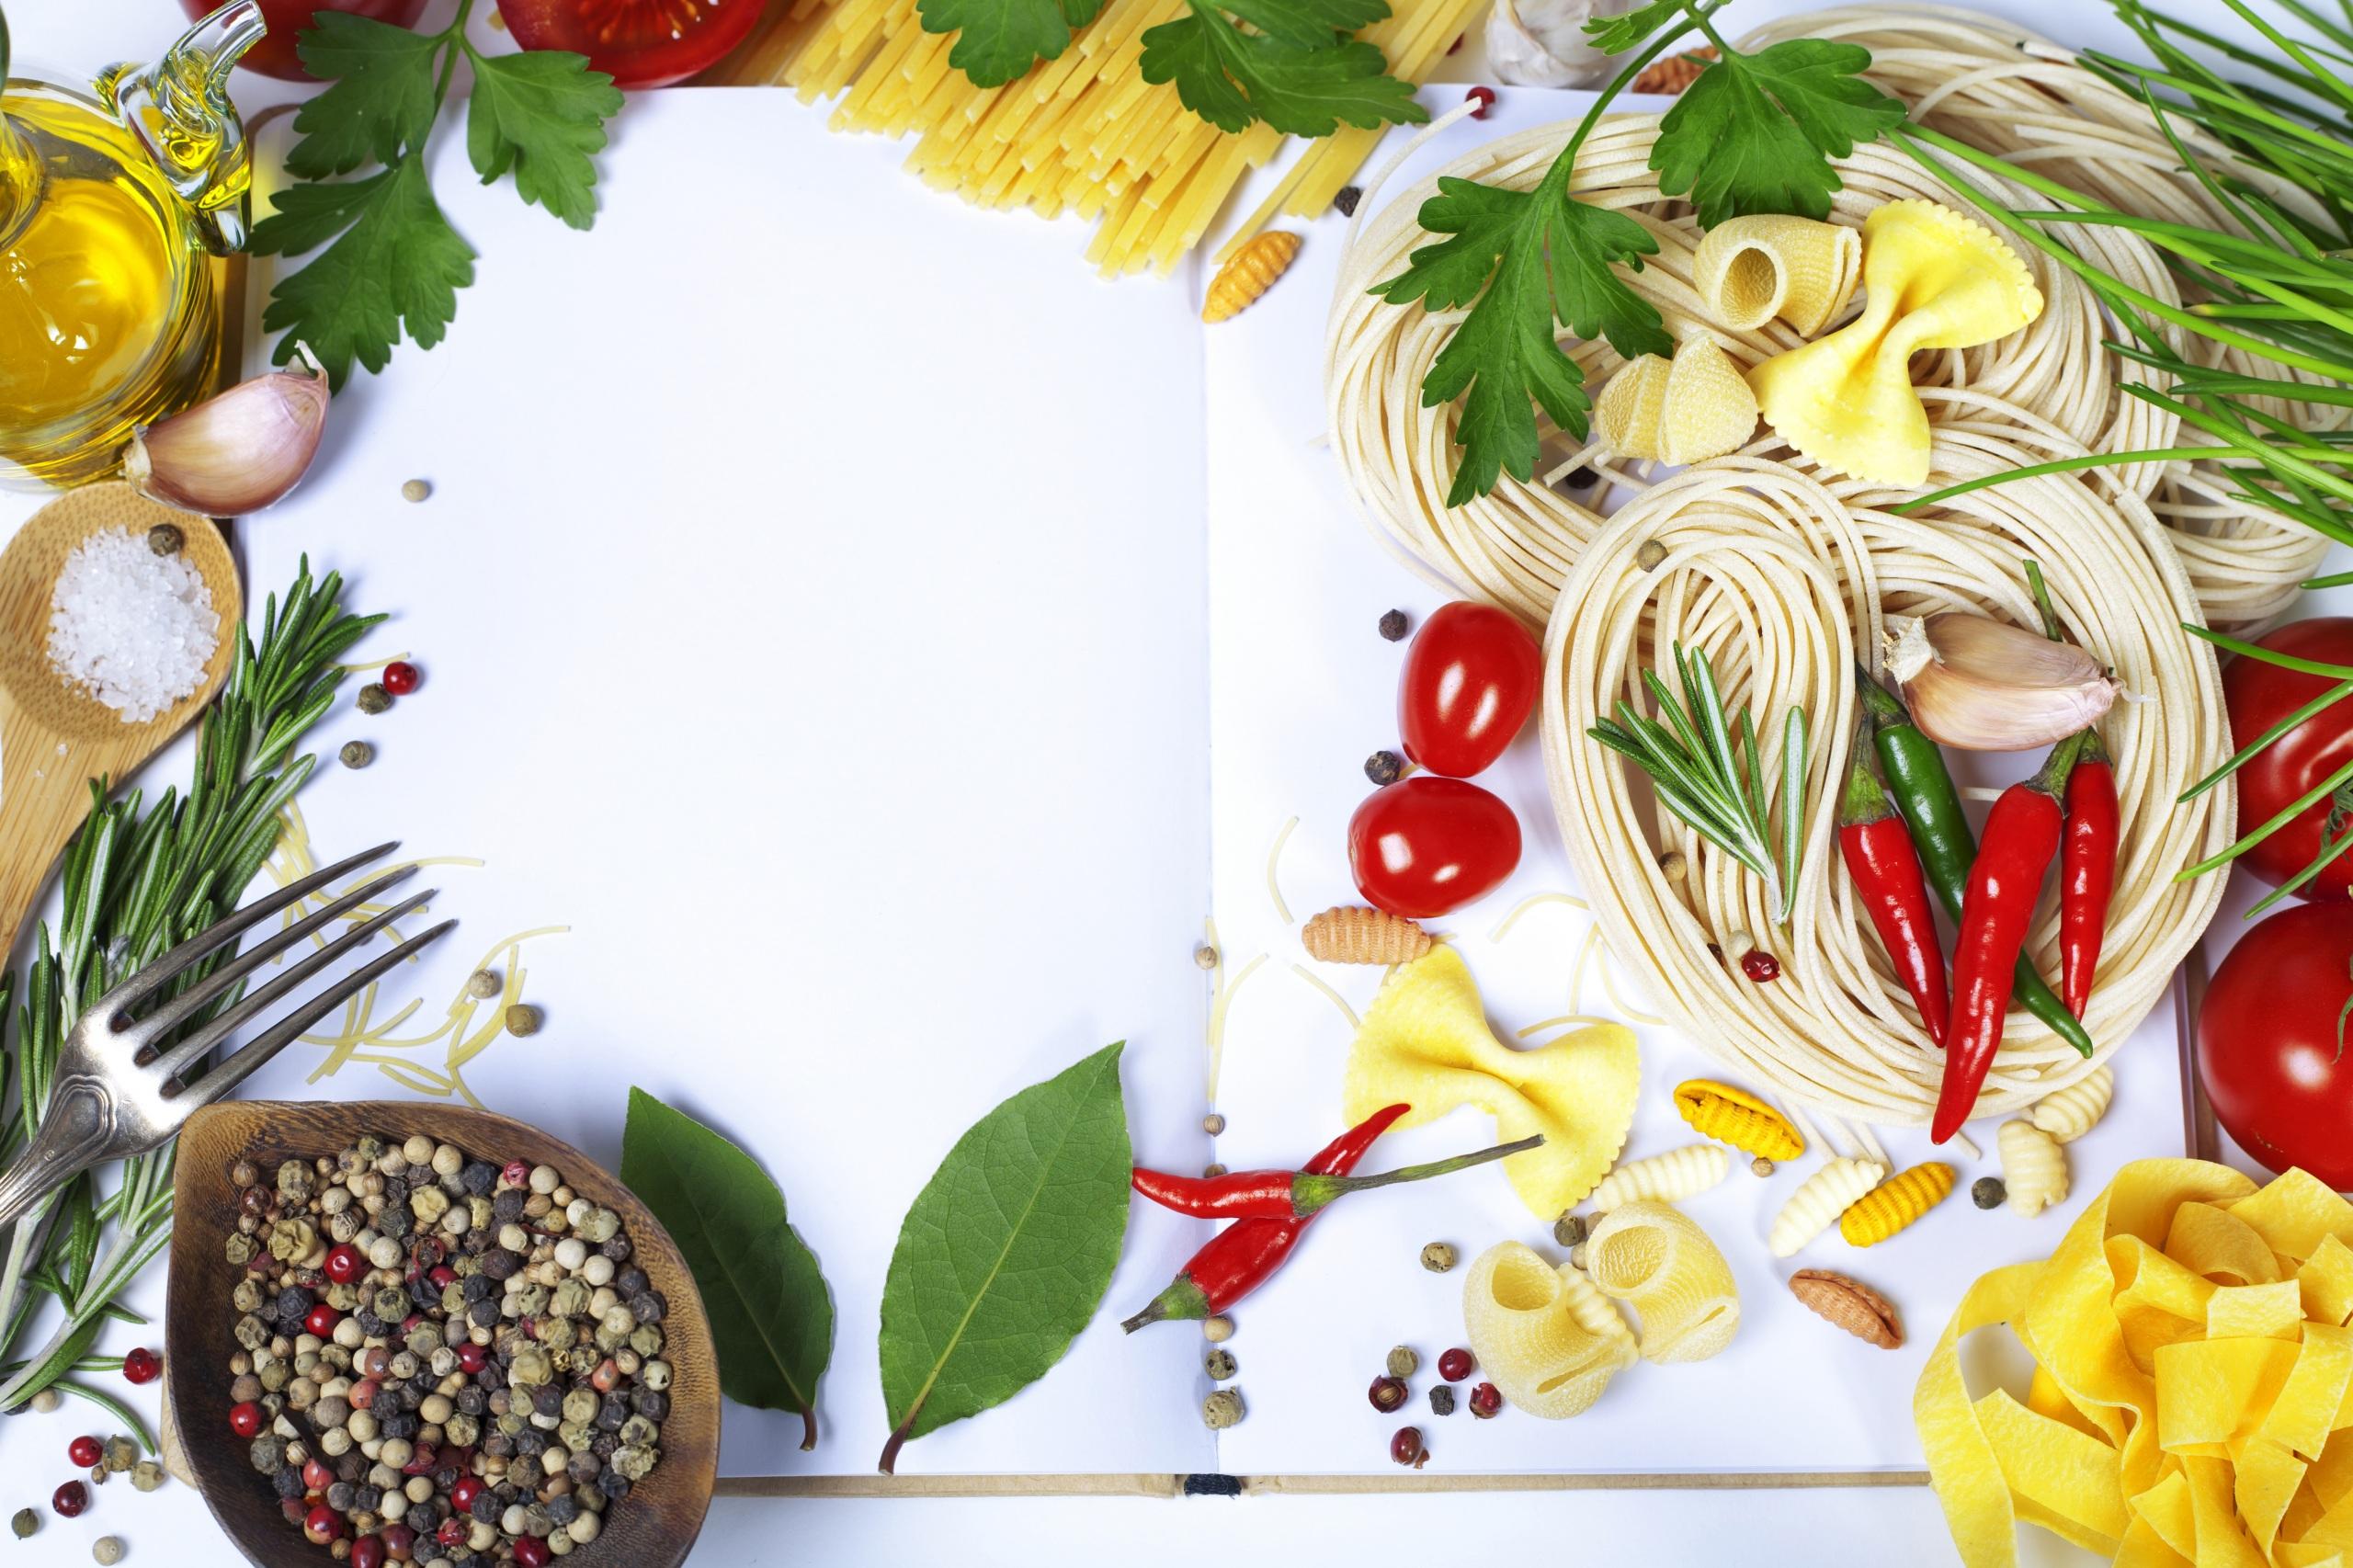 Картинка Помидоры Макароны Острый перец чили Чеснок Еда Овощи пряности 2560x1706 Томаты Пища Специи приправы Продукты питания